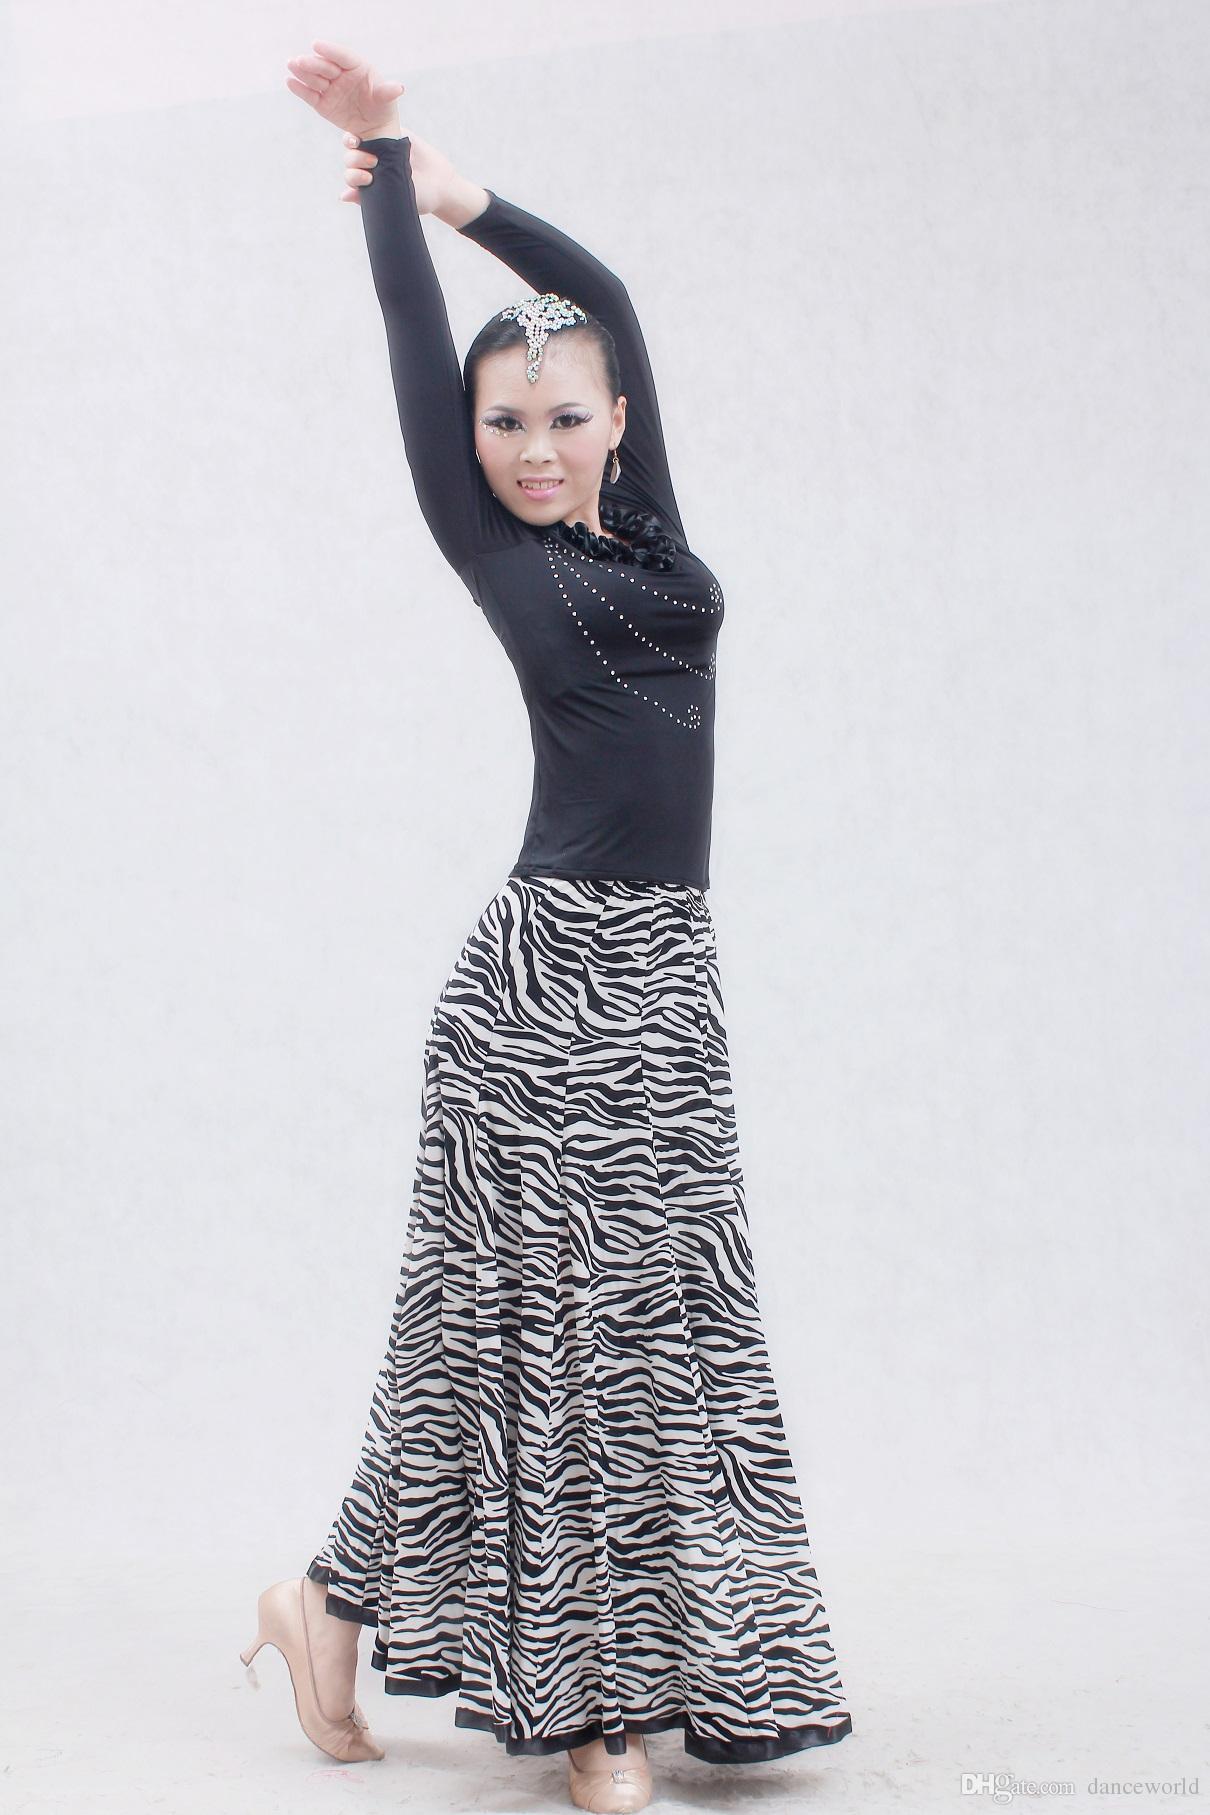 2019 tarzı balo salonu büyük salıncak leopar modern dans kostümleri flamenko etek balo salonu dans etekler kadın balo etek tango vals etek